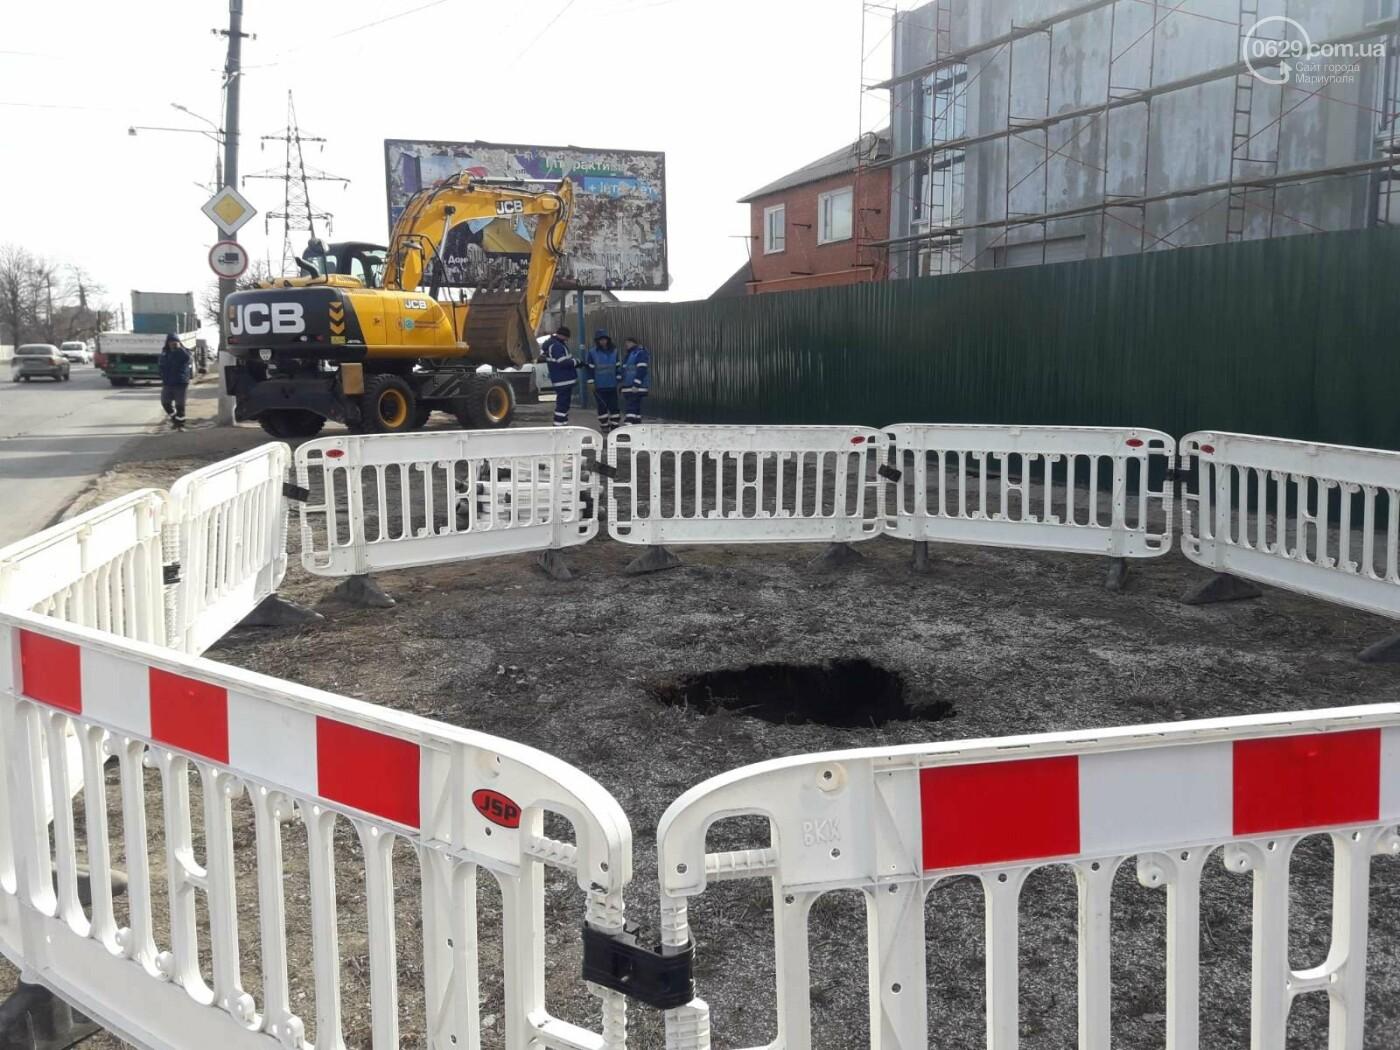 Регулярно раз в год. В Мариуполе на Митрополитской снова масштабная авария на канализационном коллекторе, фото-7